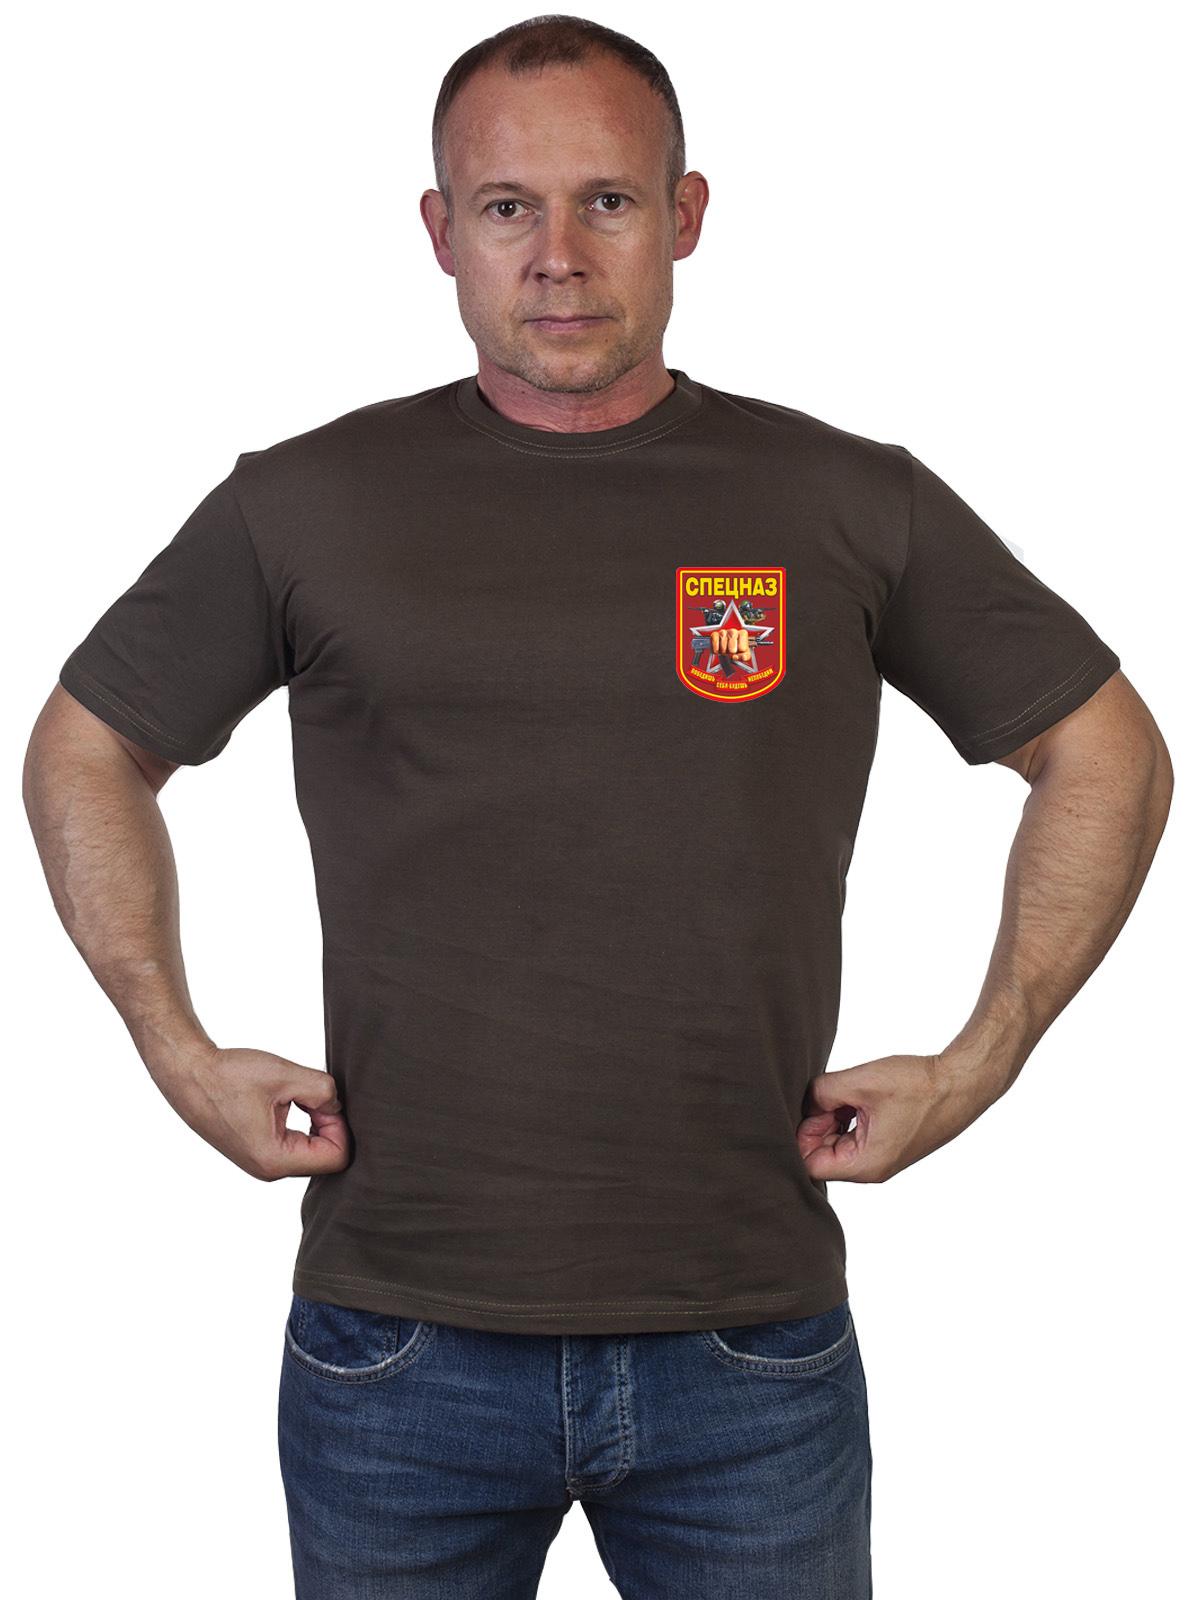 Недорогие футболки с принтами Росгвардии в наличии и под заказ